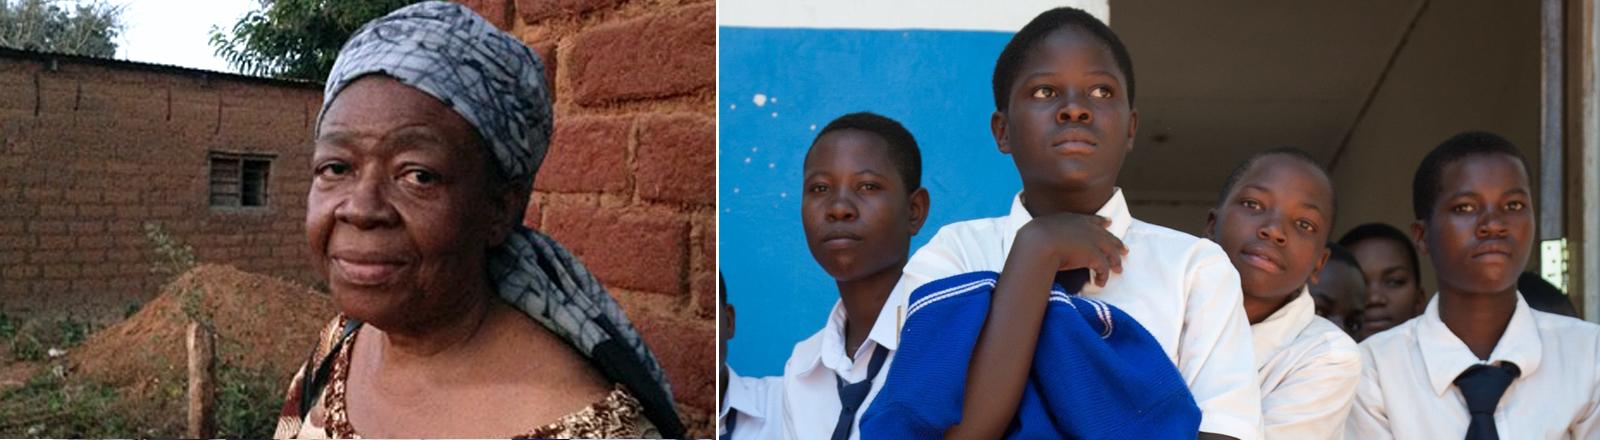 DPA: Schülerinnen einer Schule in Tansania. Daneben im Bild Calista Simbakalia